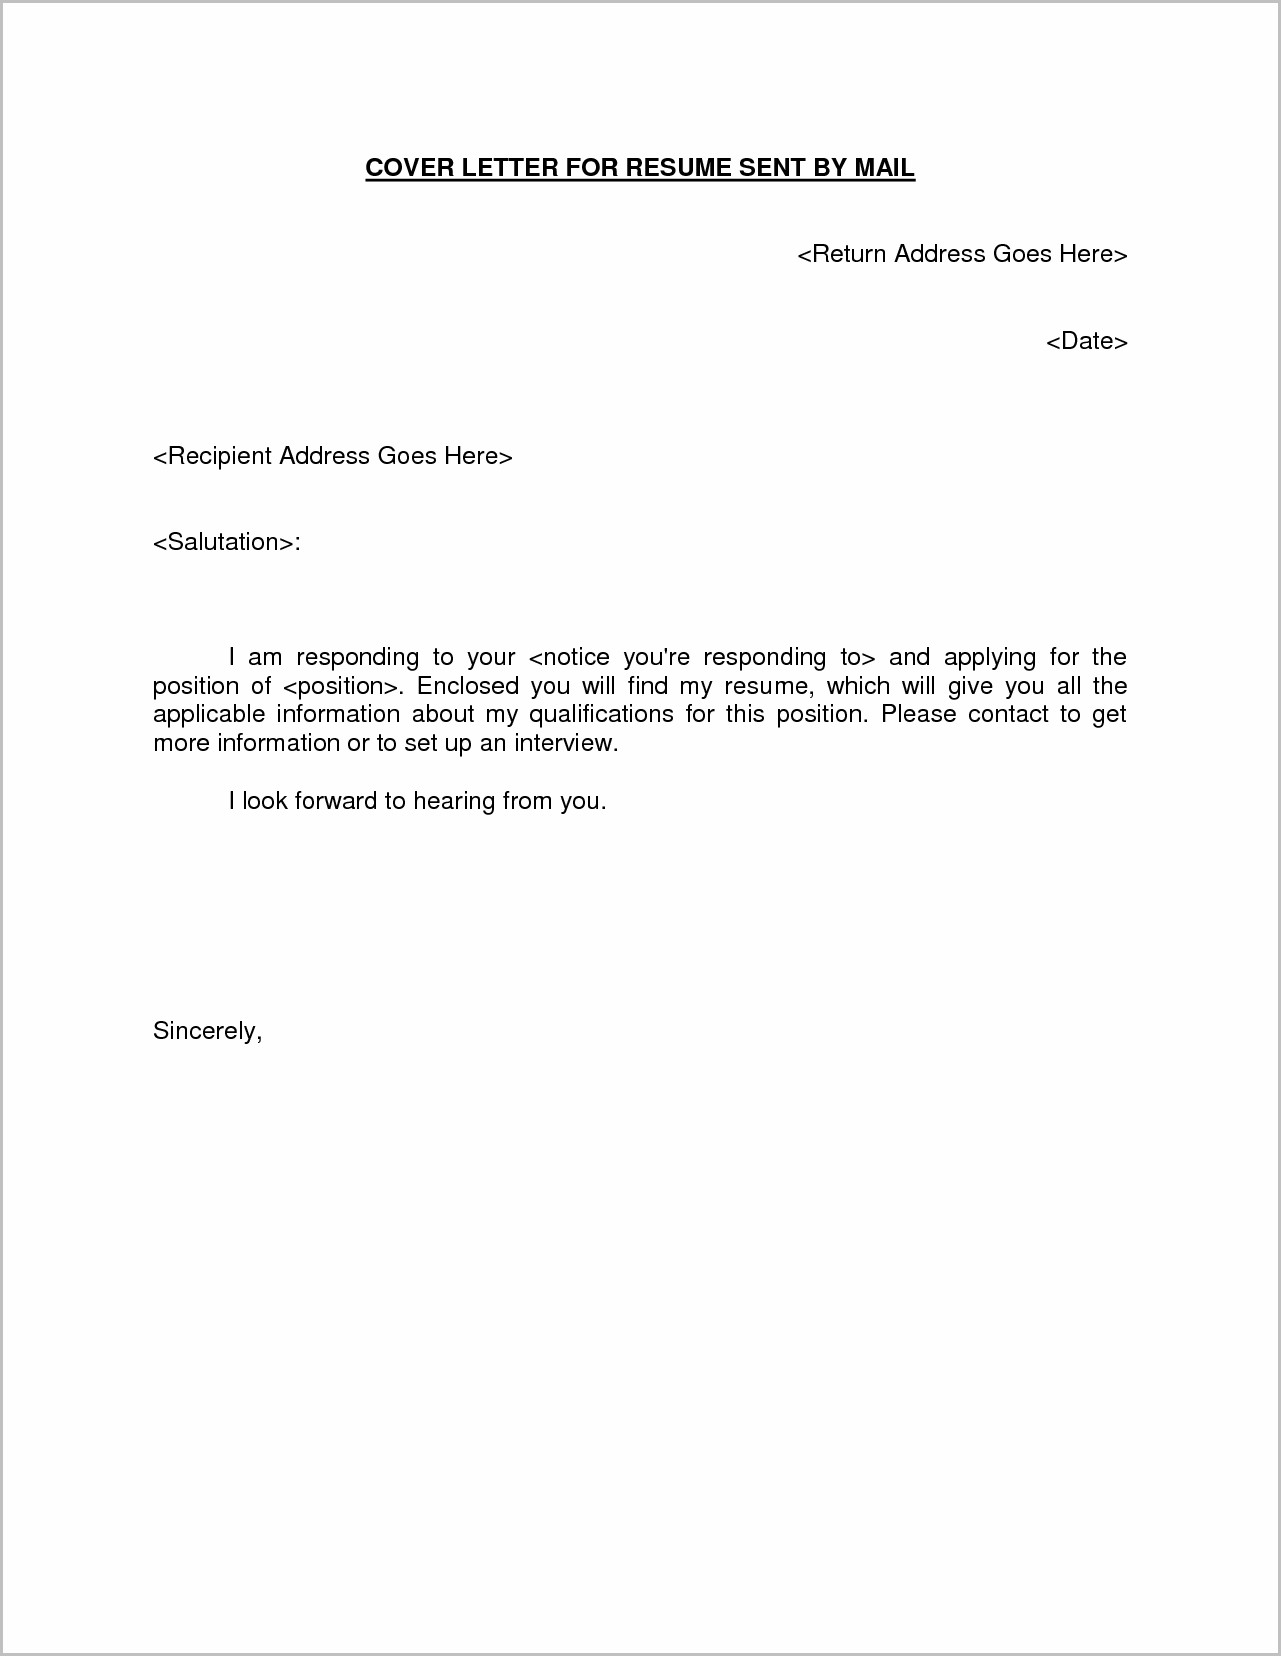 Email Cover Letter For Sending Resume Samples